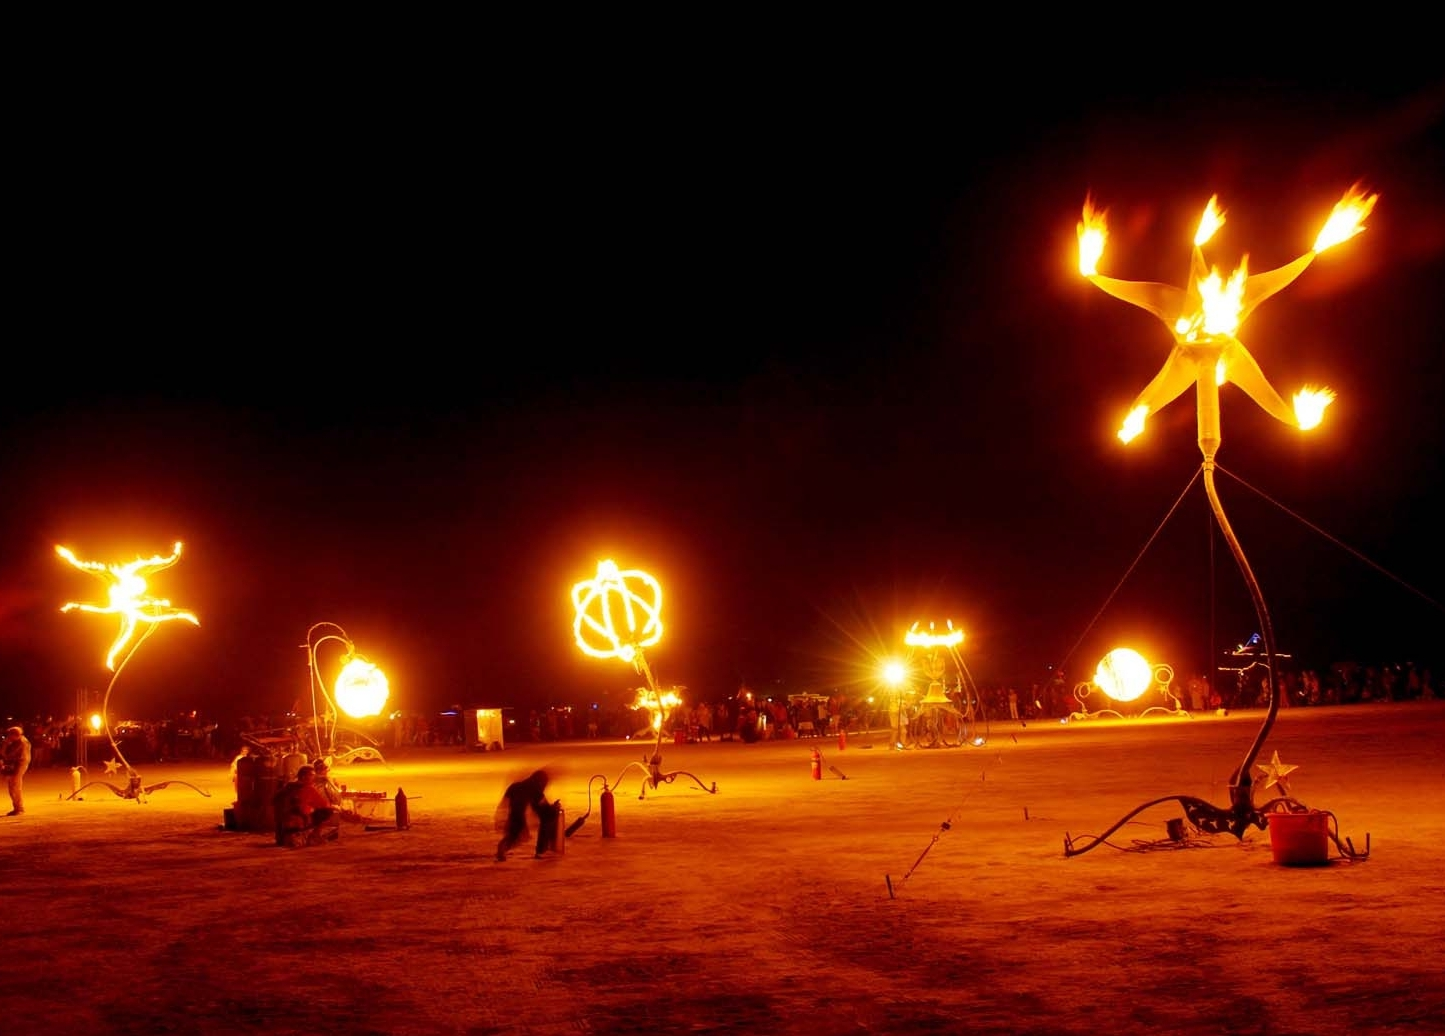 SEVEN SISTERS (2004) at Burning Man